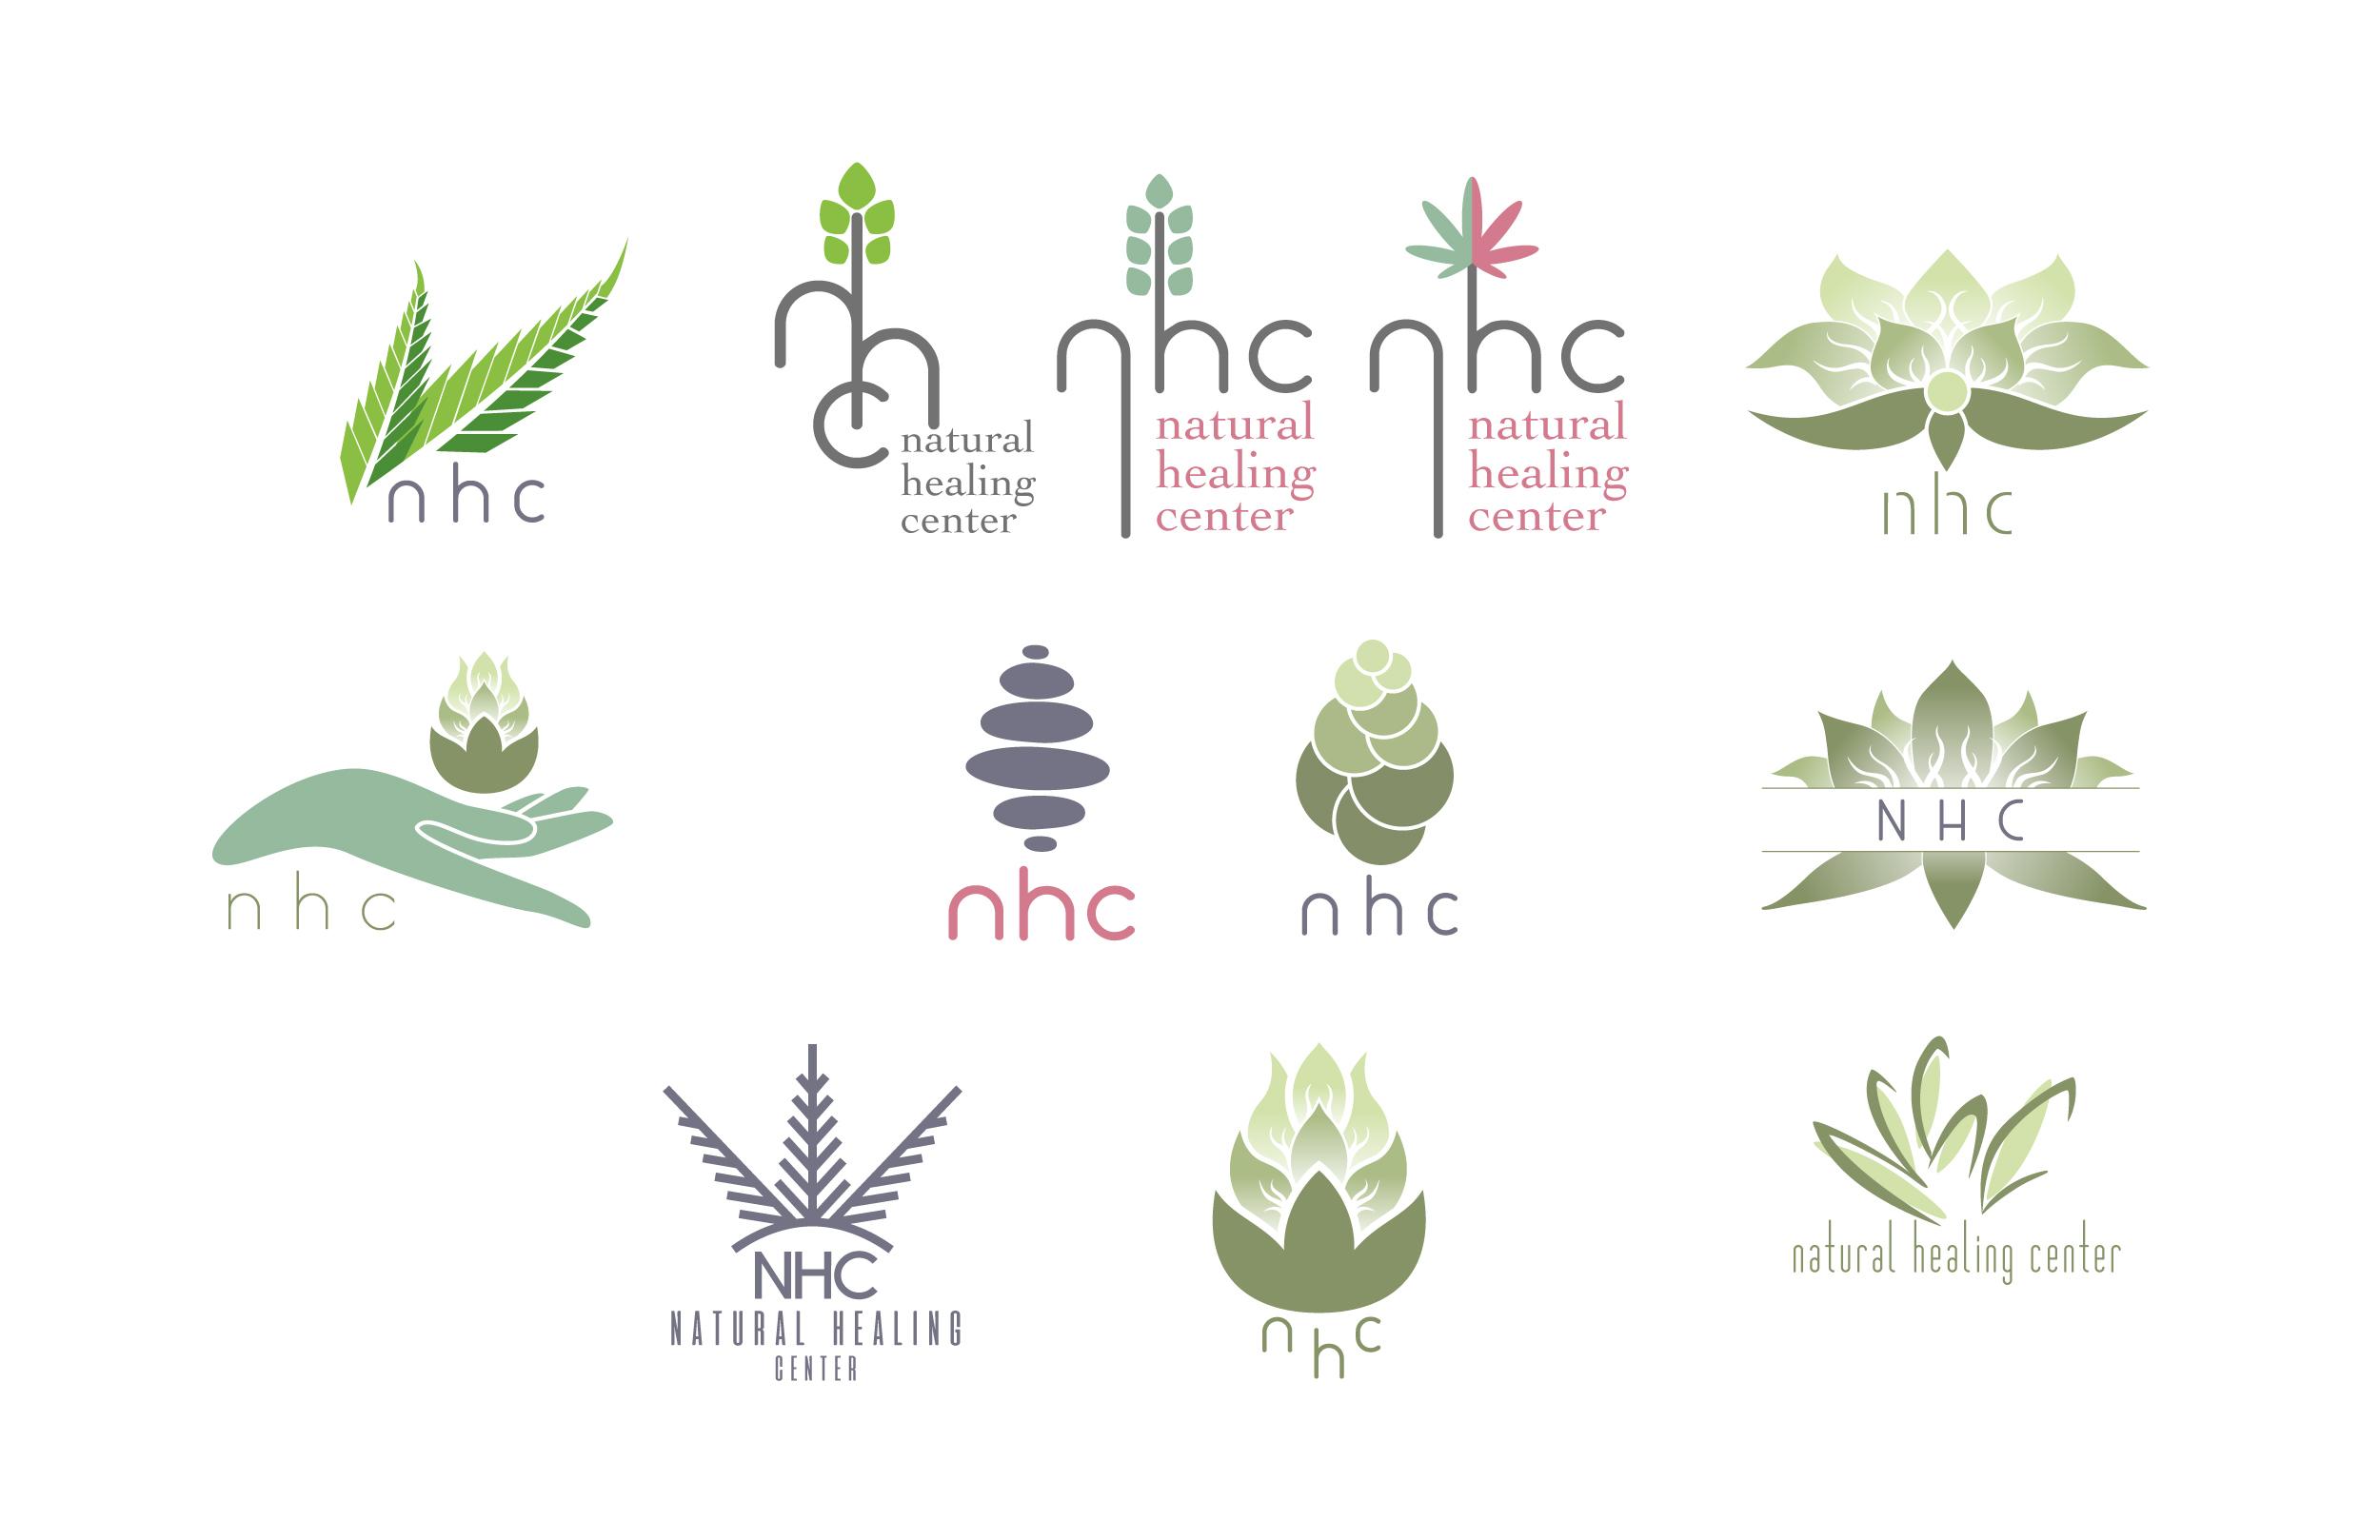 nhc-concepts.jpg